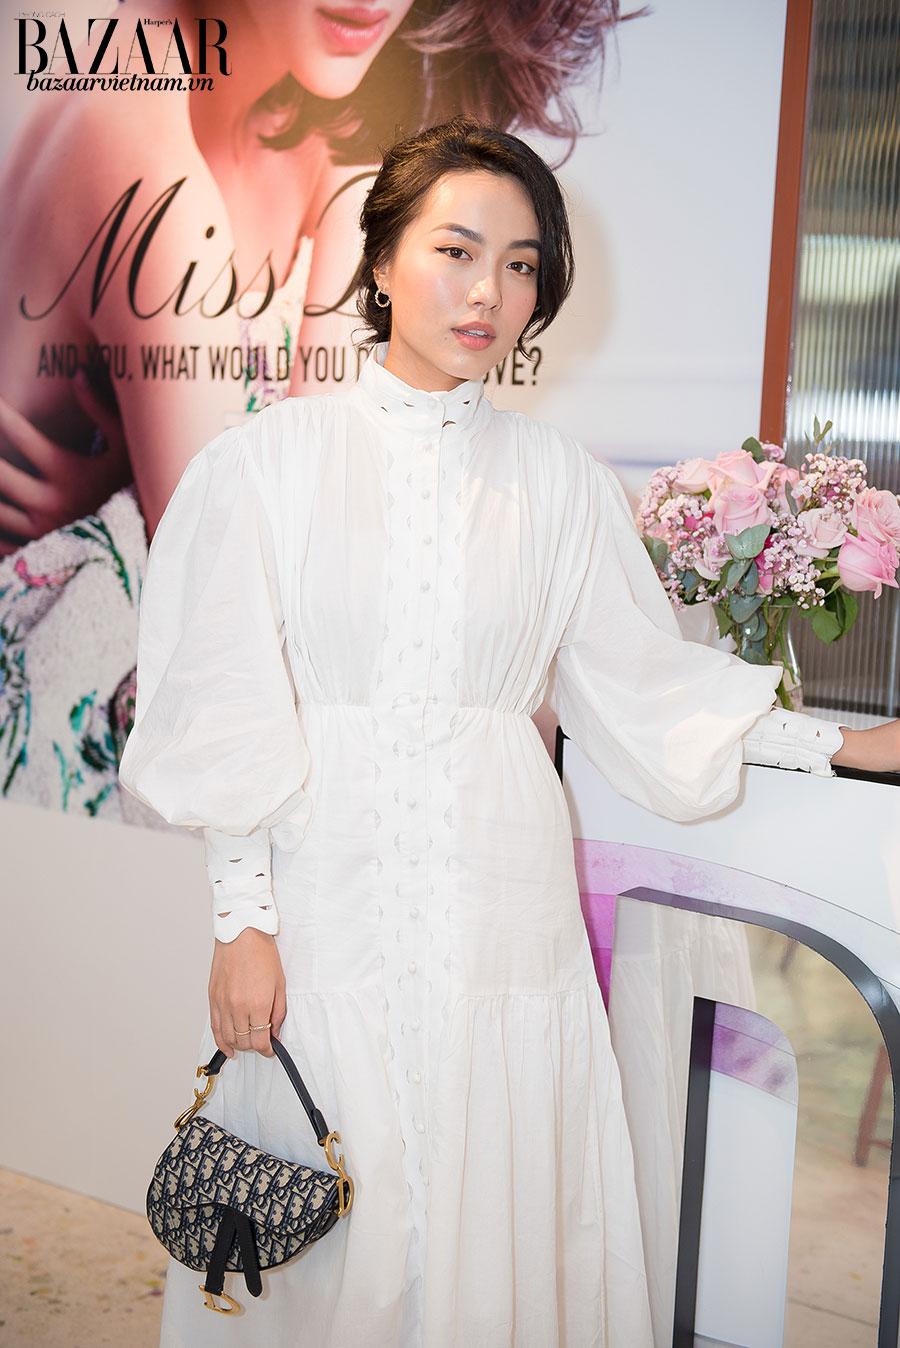 Lê Hà Trúc thì chọn chiếc túi Dior saddlebag bằng họa tiết oblique đang được Dior lăng-xê gần đây